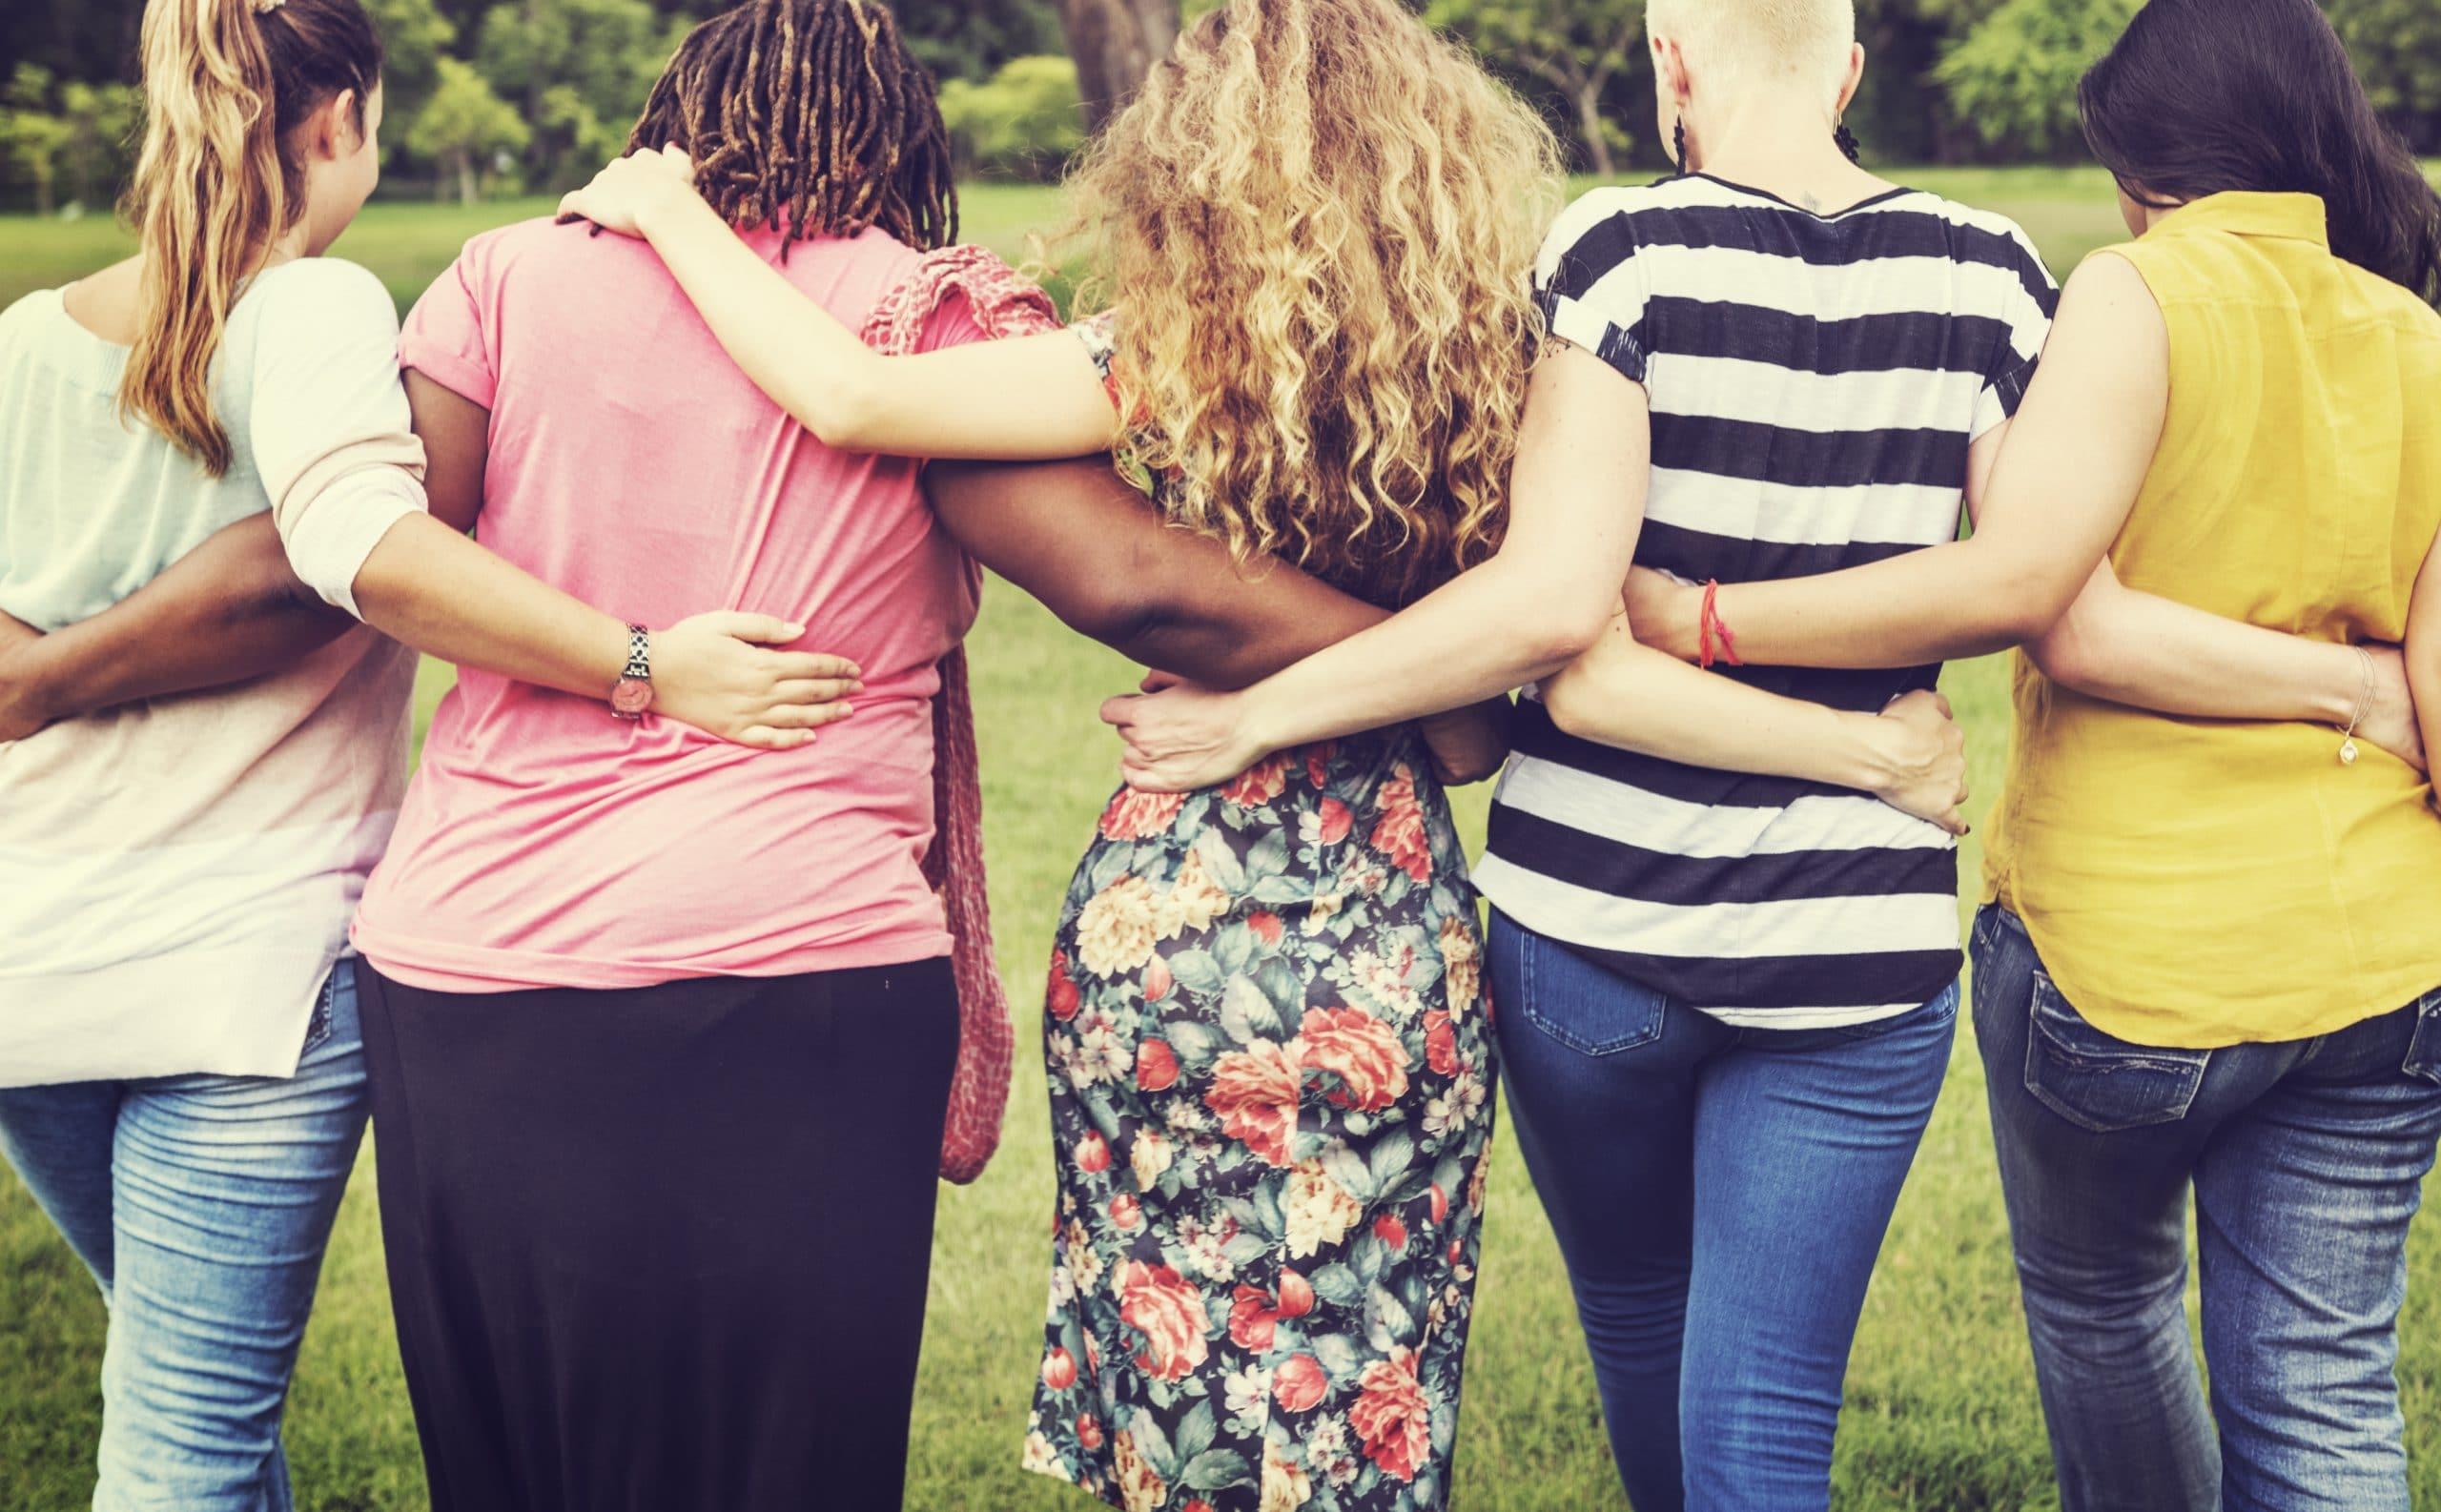 Mulheres andado abraçadas.